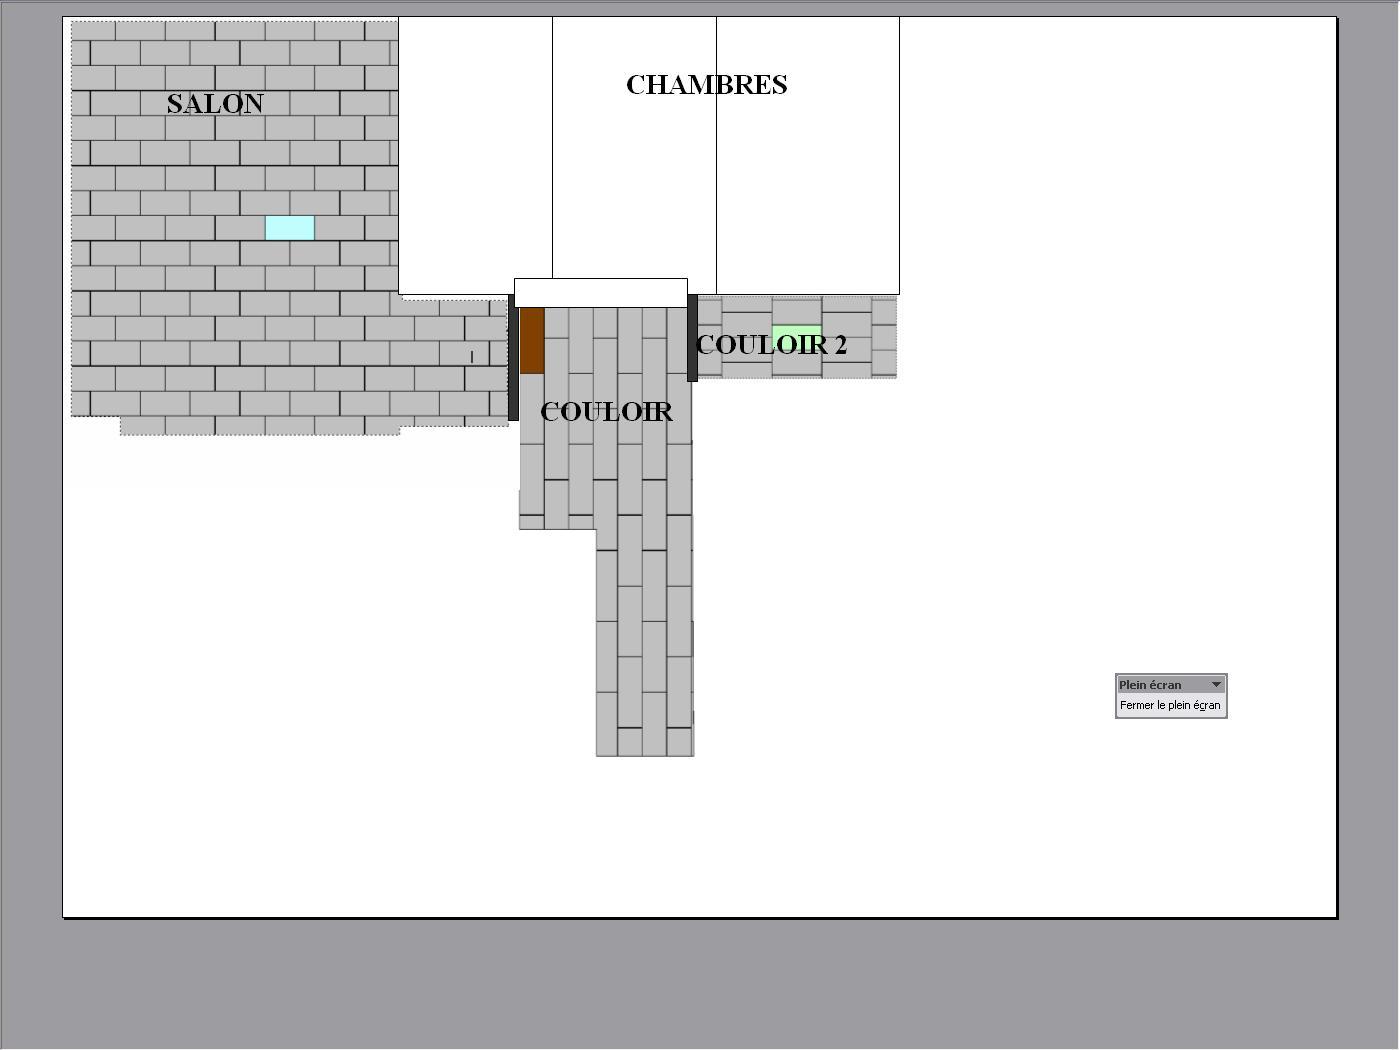 Pose carrelage salon 2 couloirs demande conseils for Plan de pose de carrelage